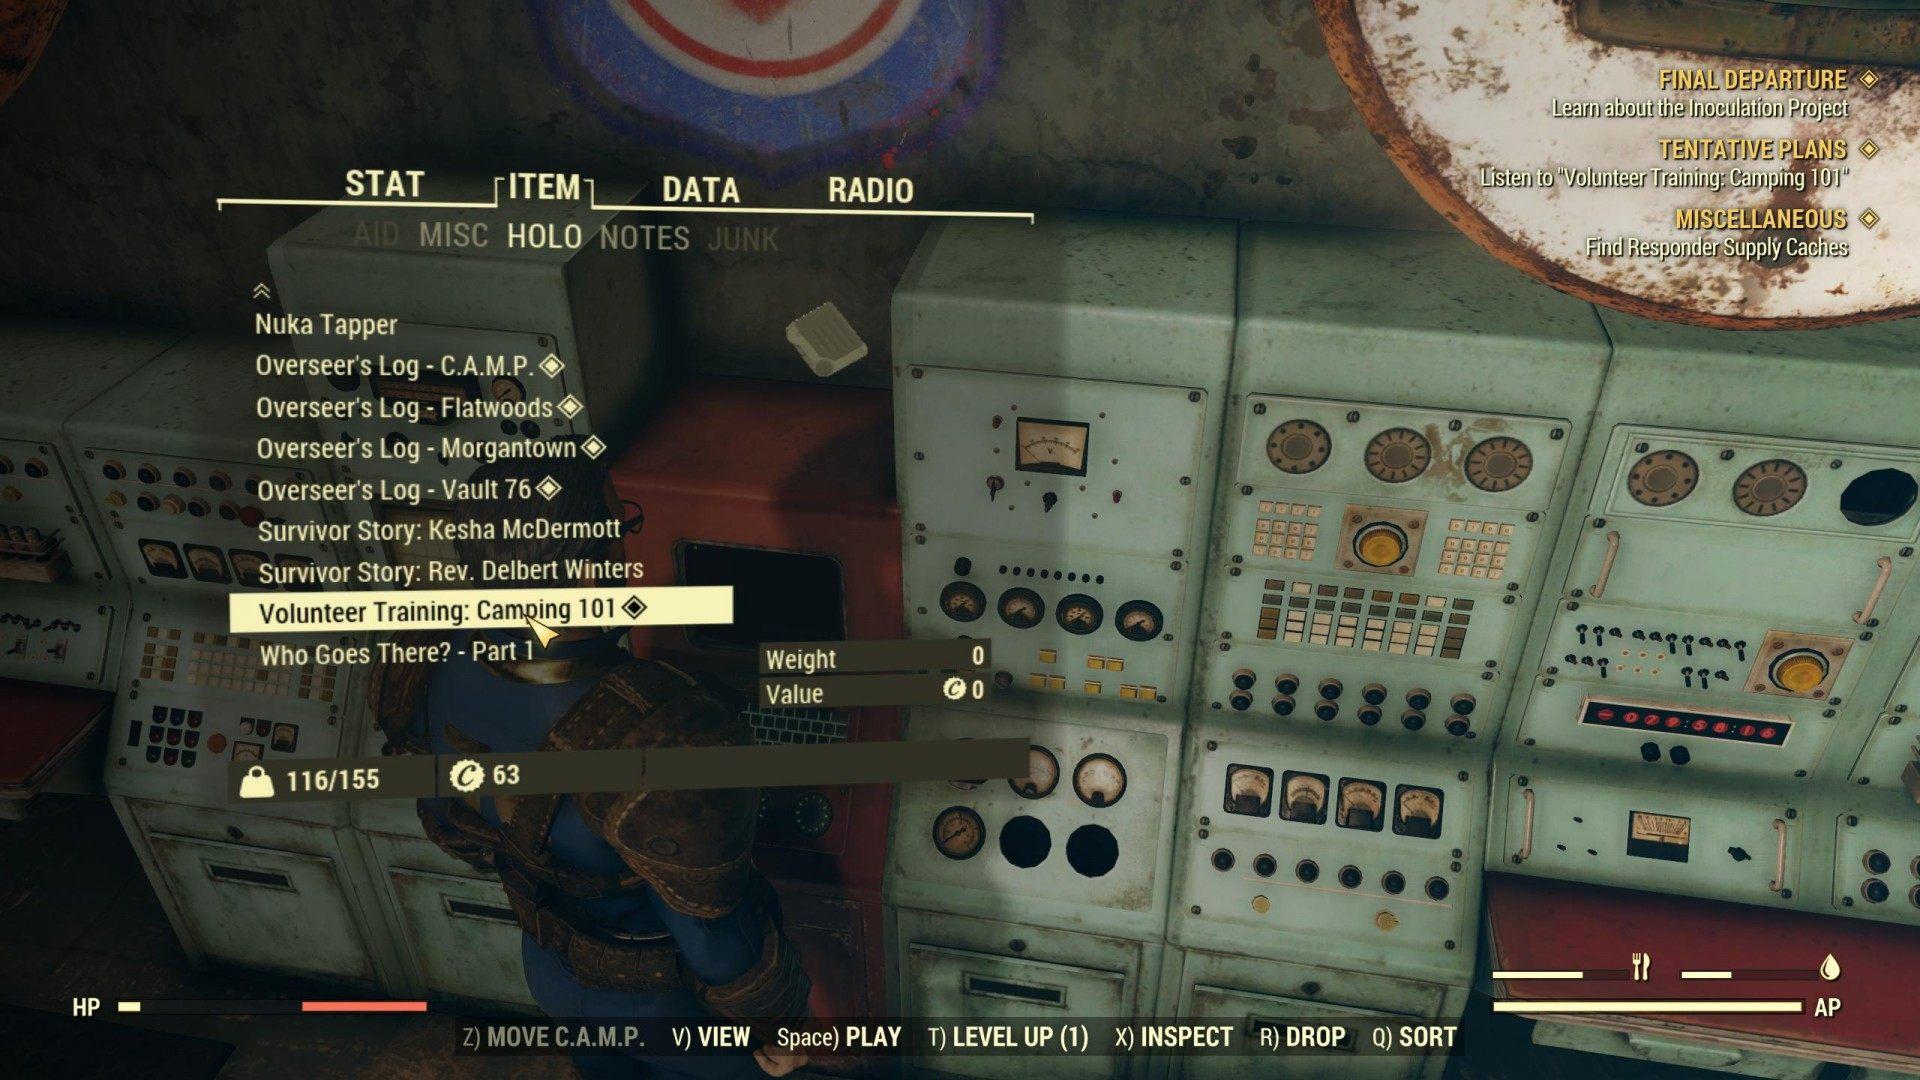 Tentative Plans, Fallout 76 Quest